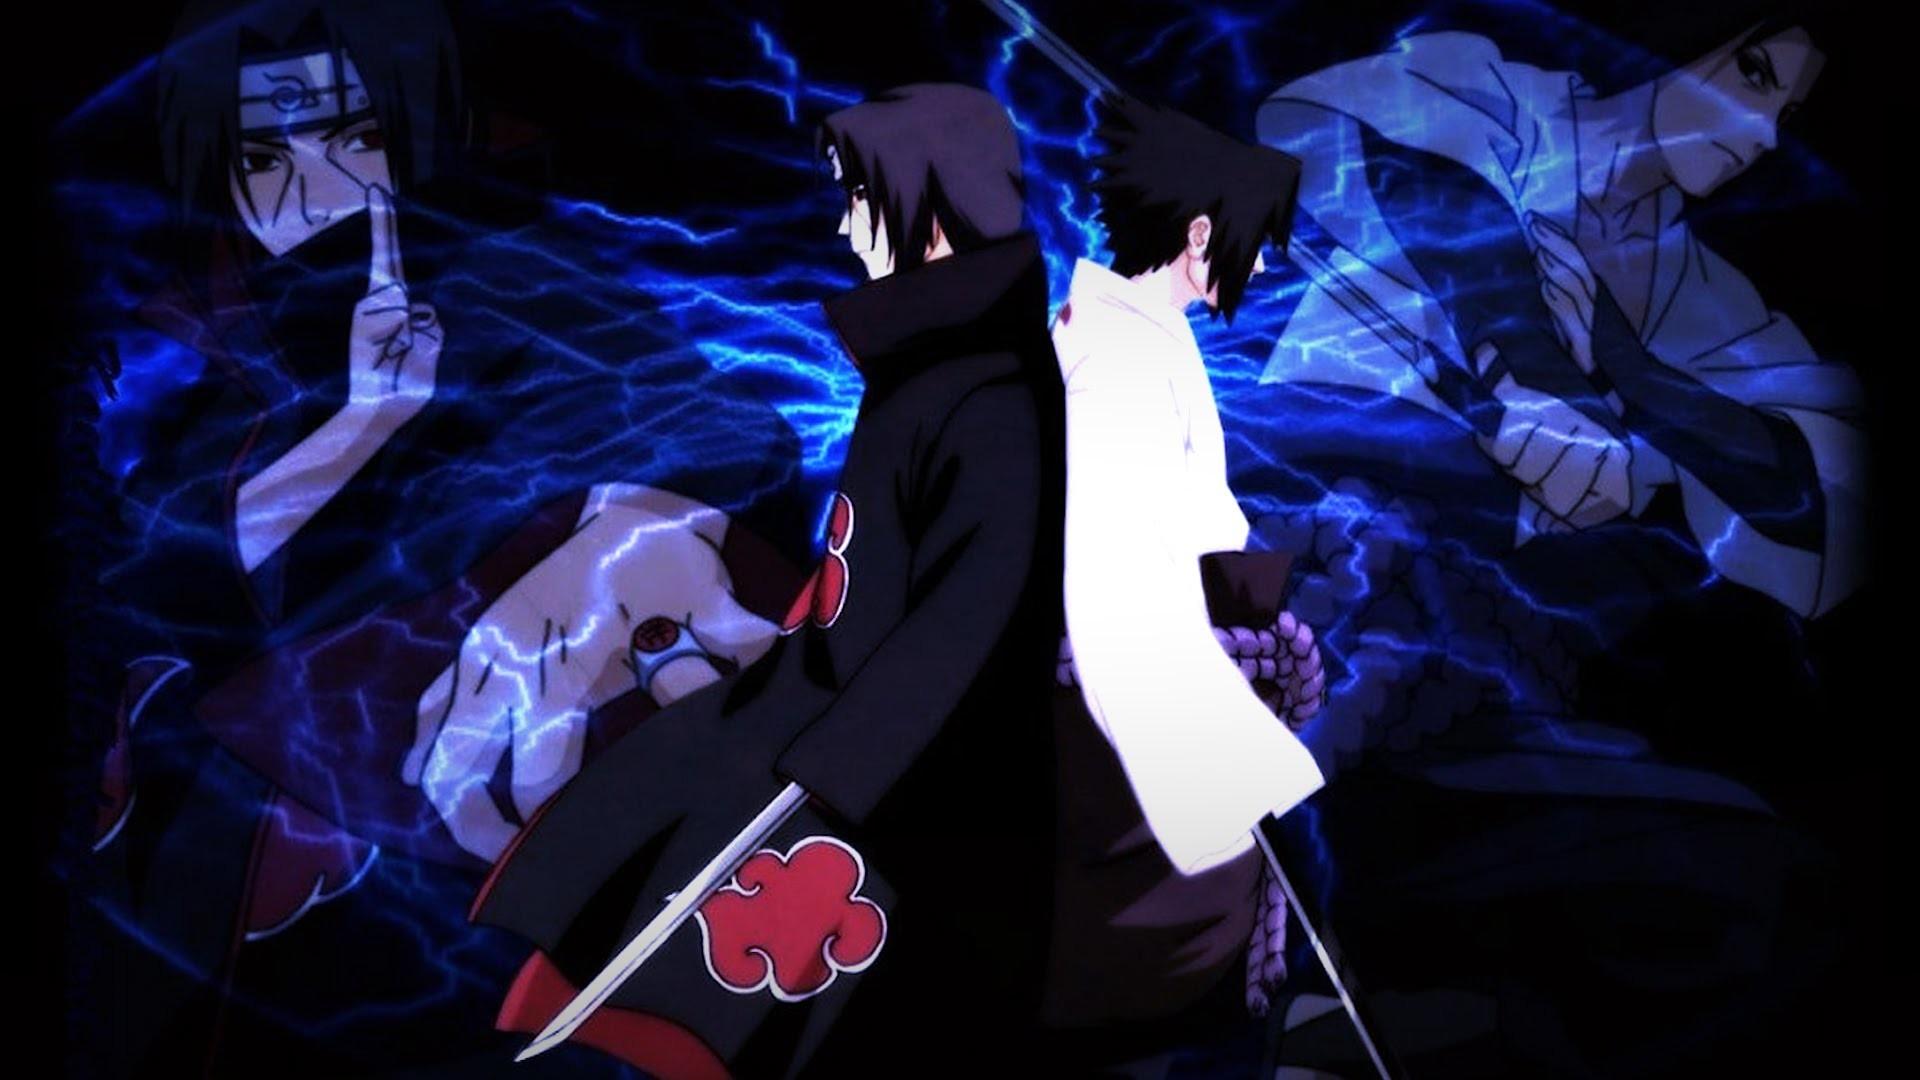 【UCHIHA BATTLE】Itachi Vs Sasuke 1080p – YouTube